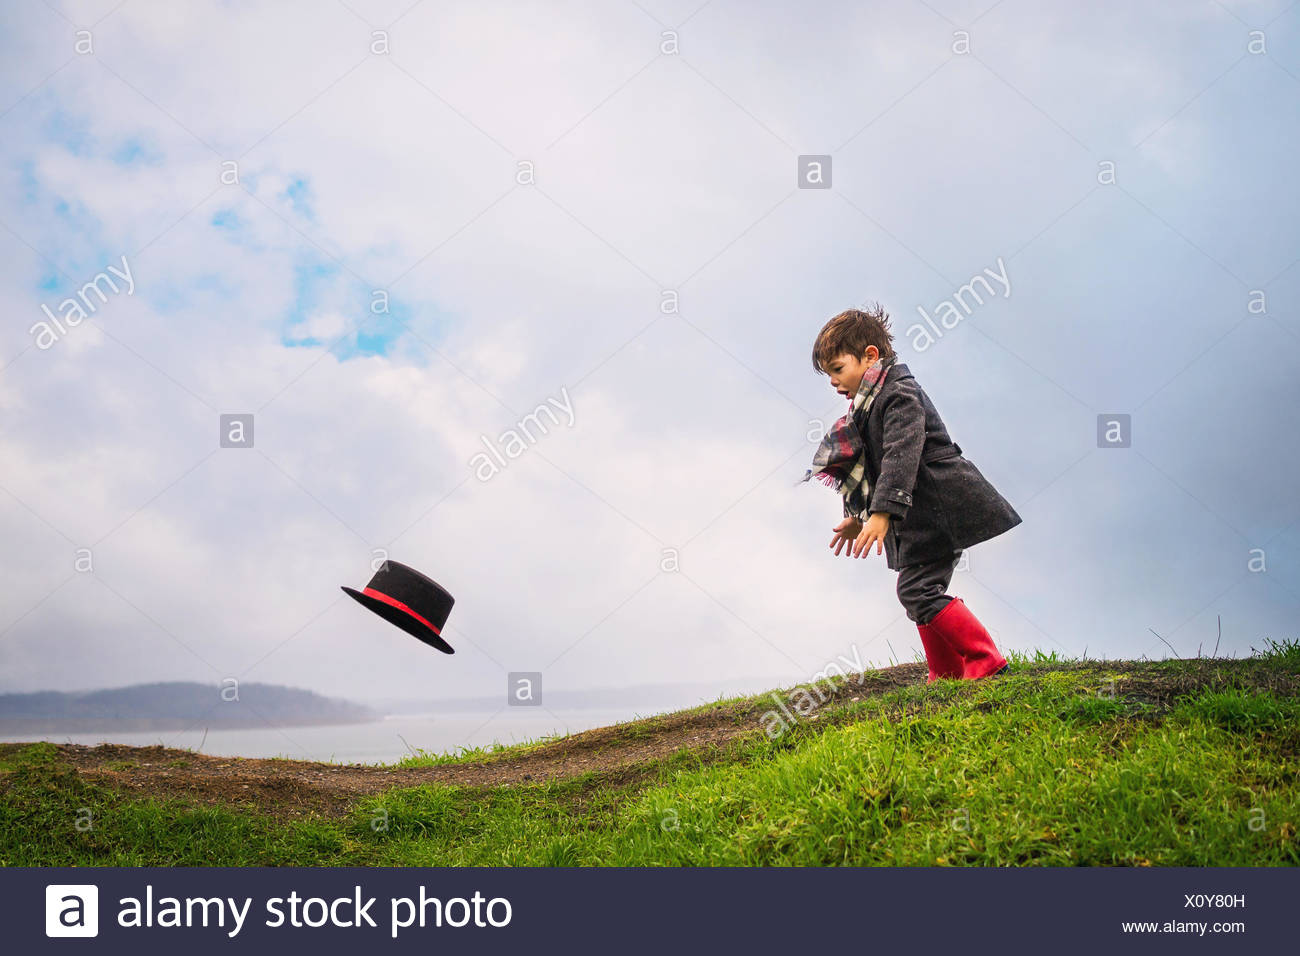 Garçon courir après son chapeau souffle loin dans le vent Banque D'Images